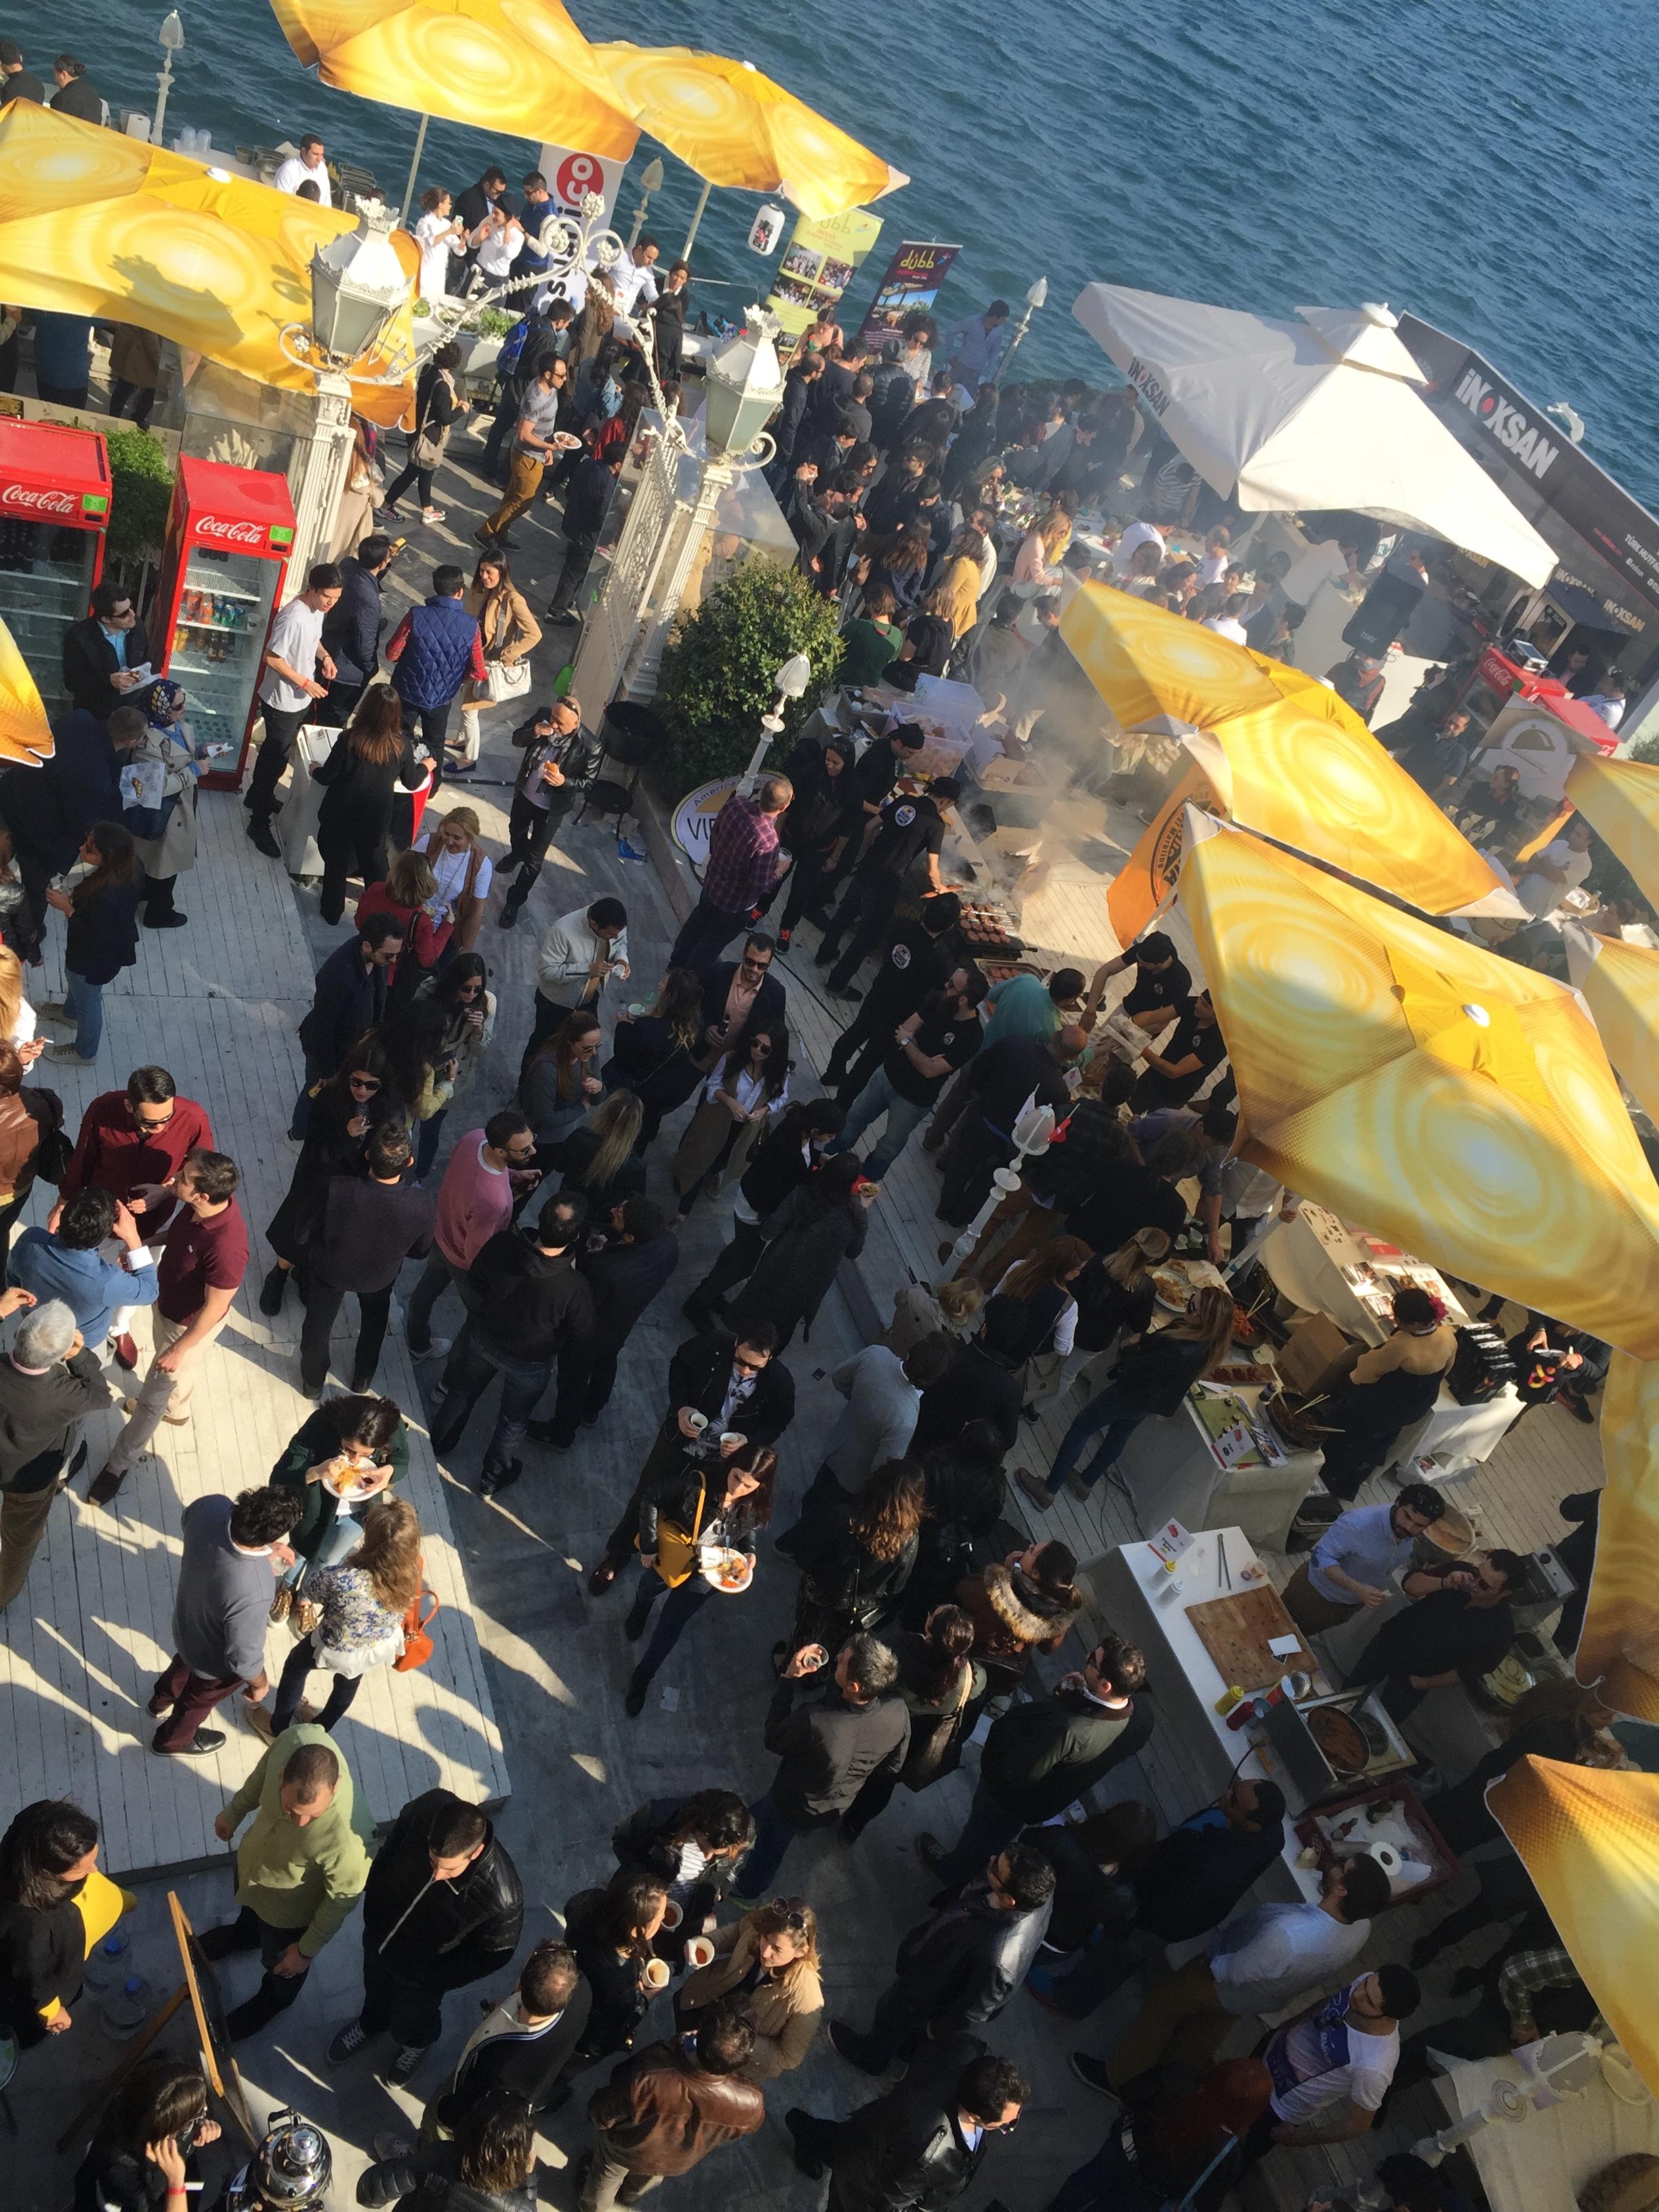 101 Lezzet Festivali Genel Görünüm